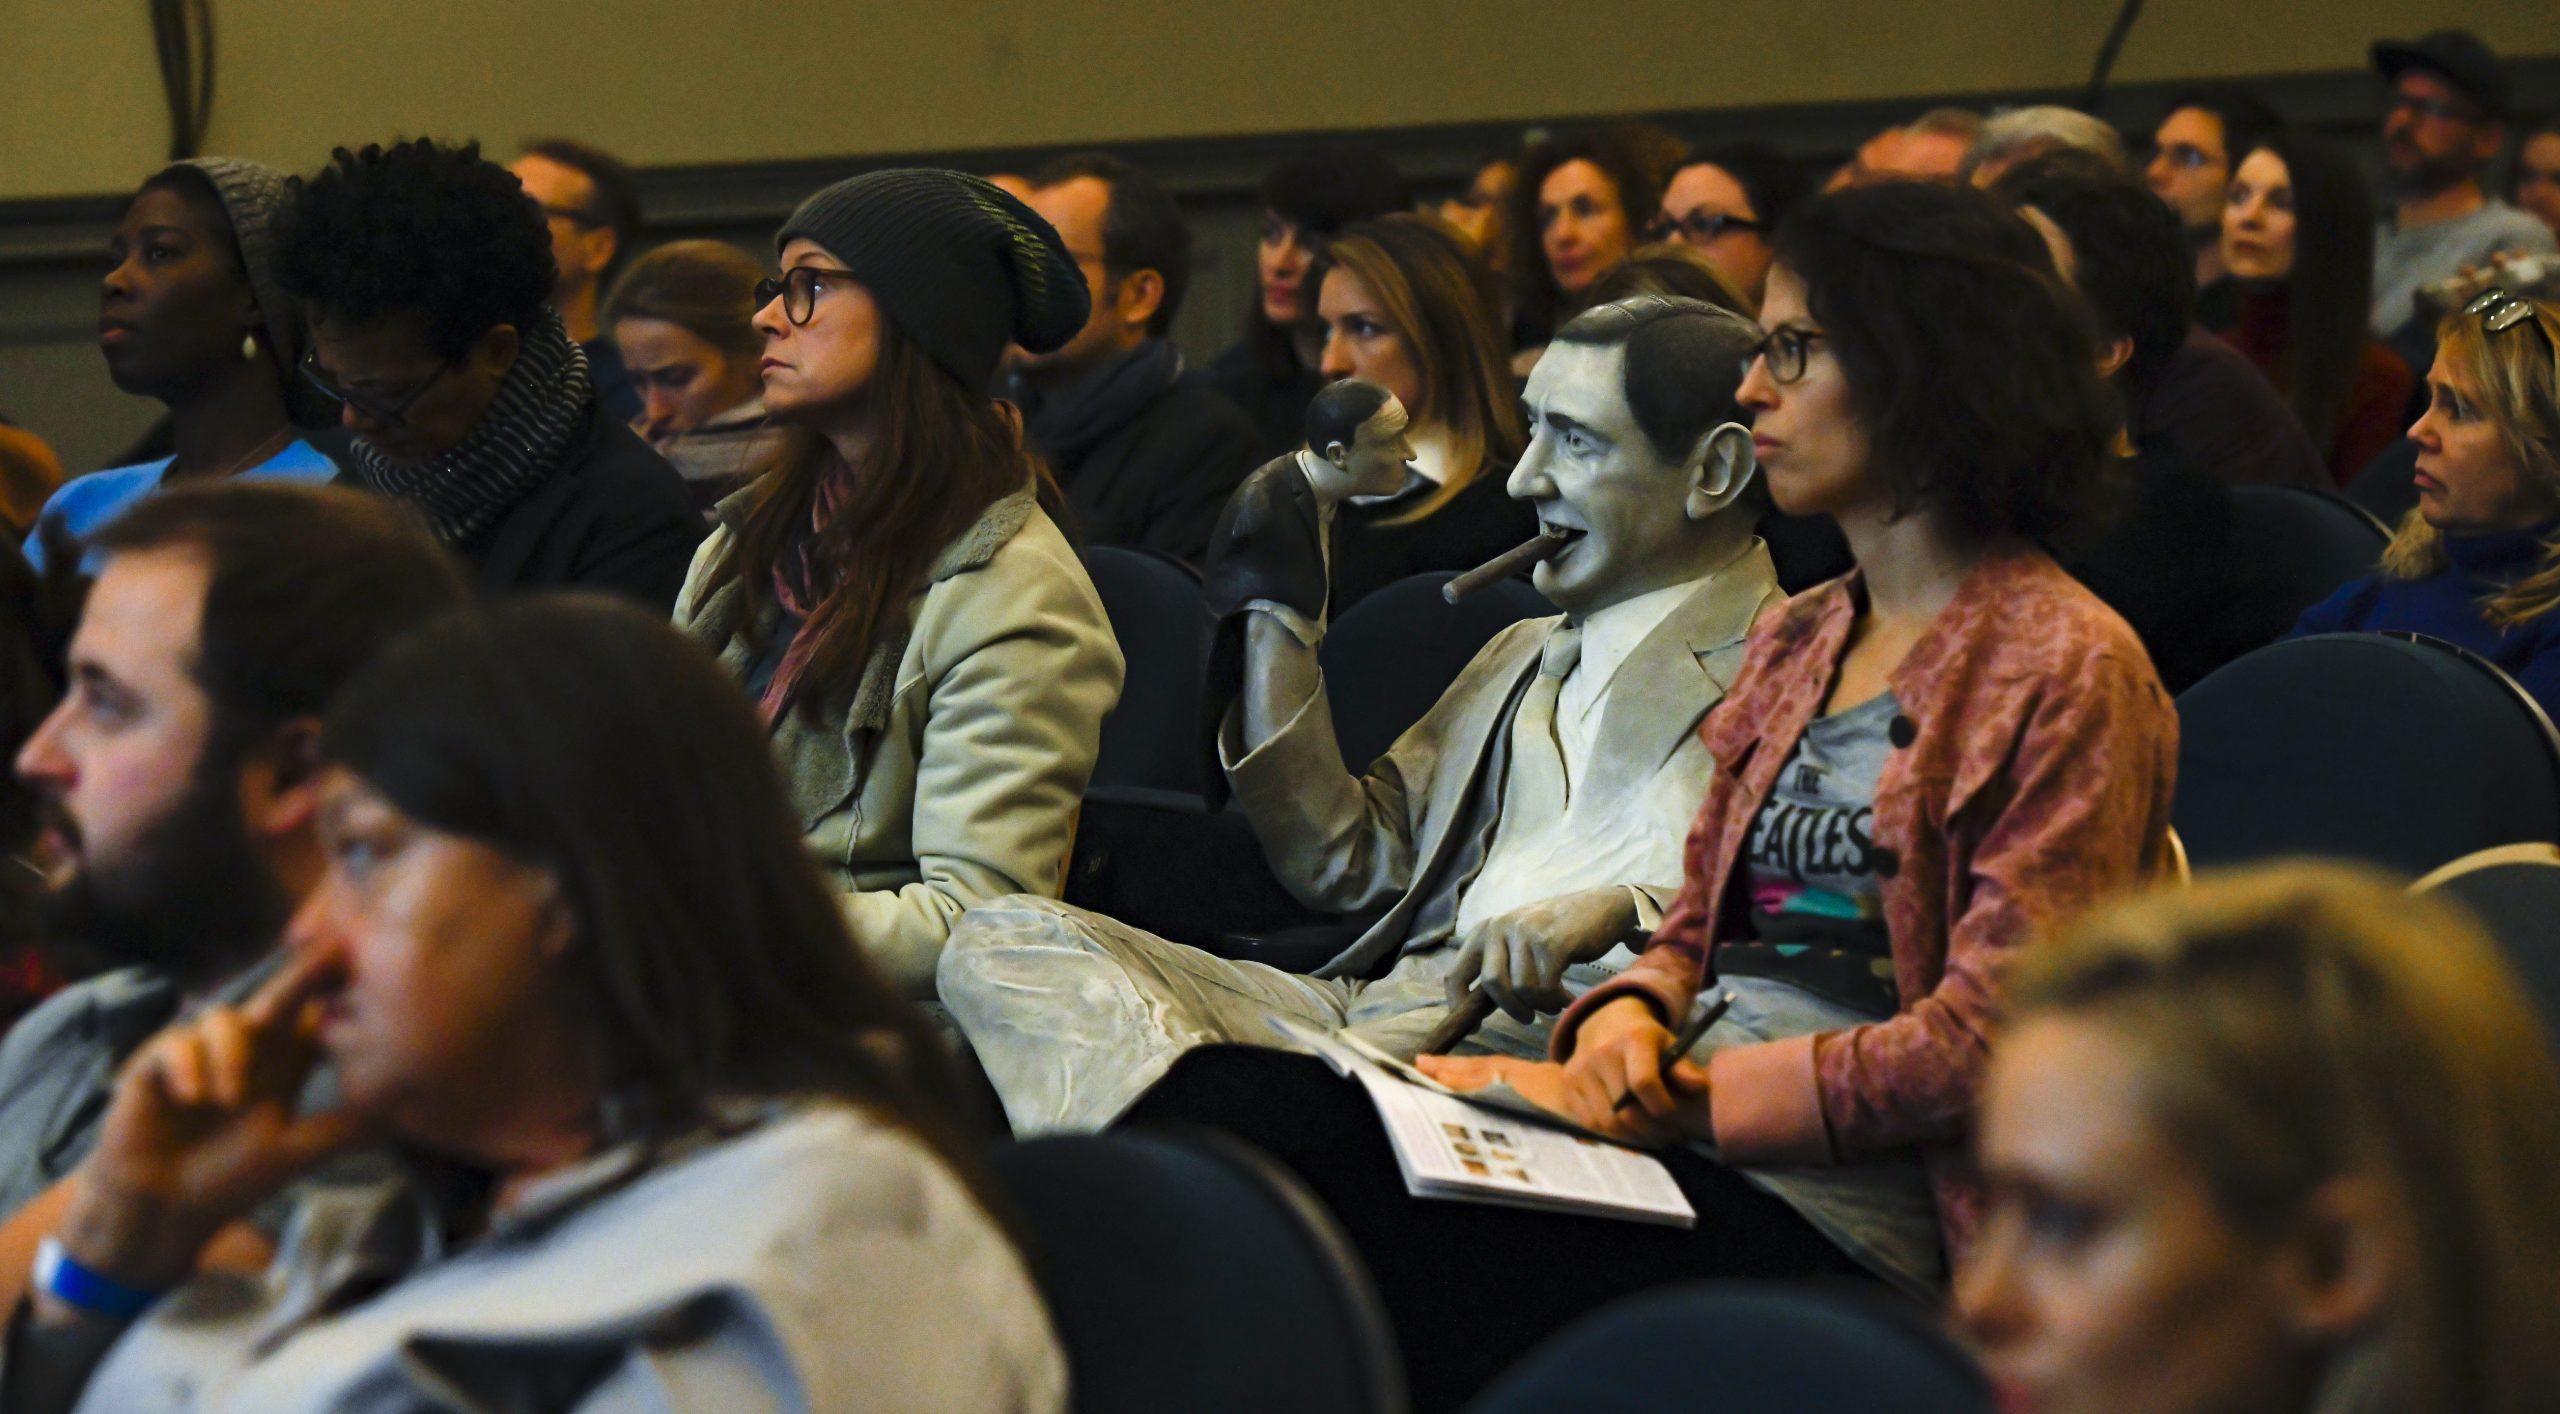 wir sehen ein Publikum mit Ernst Lubitsch Statue in der Mitte